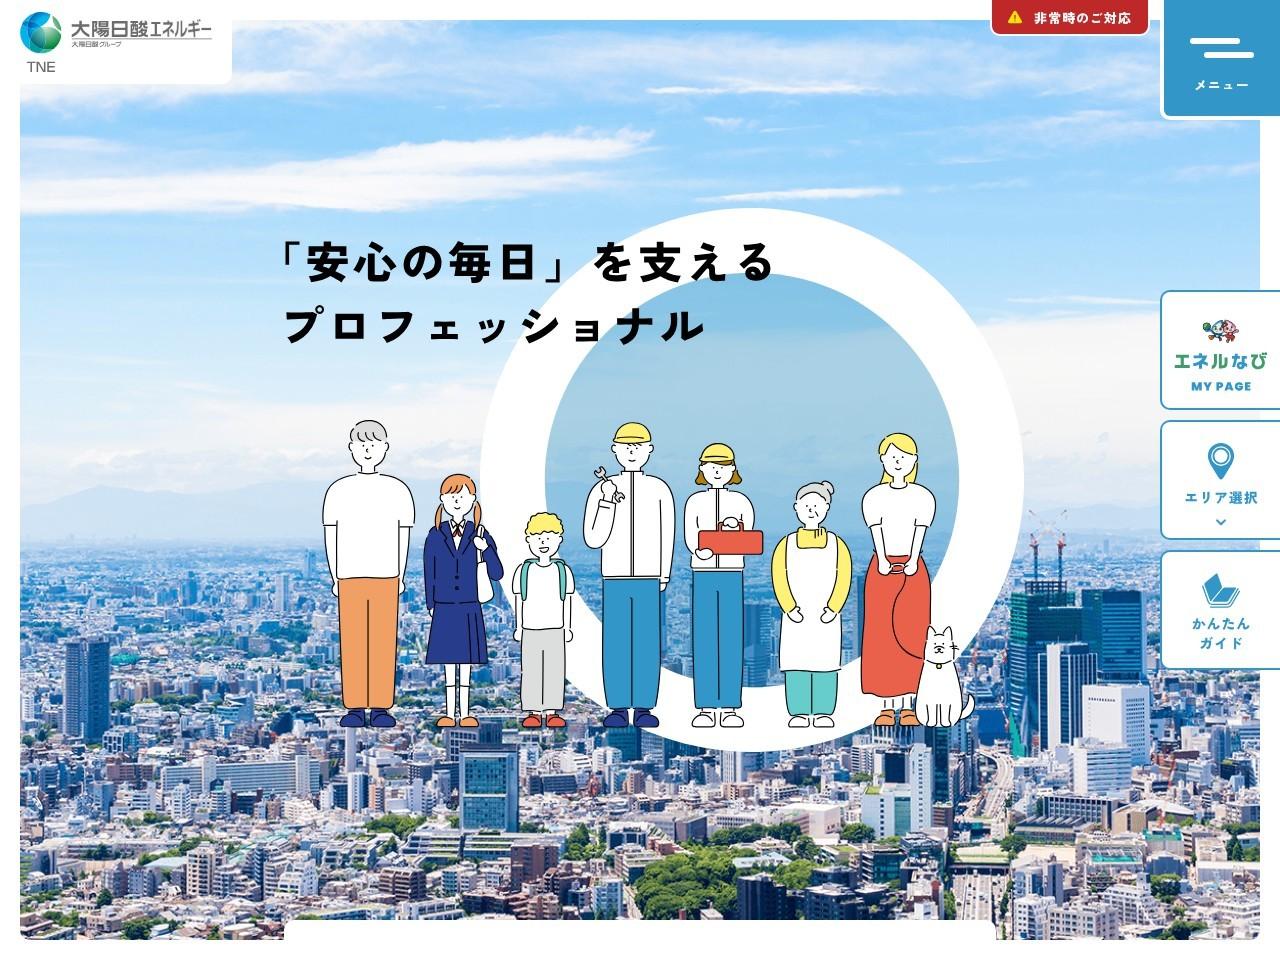 大陽日酸エネルギー株式会社九州支社豊前支店